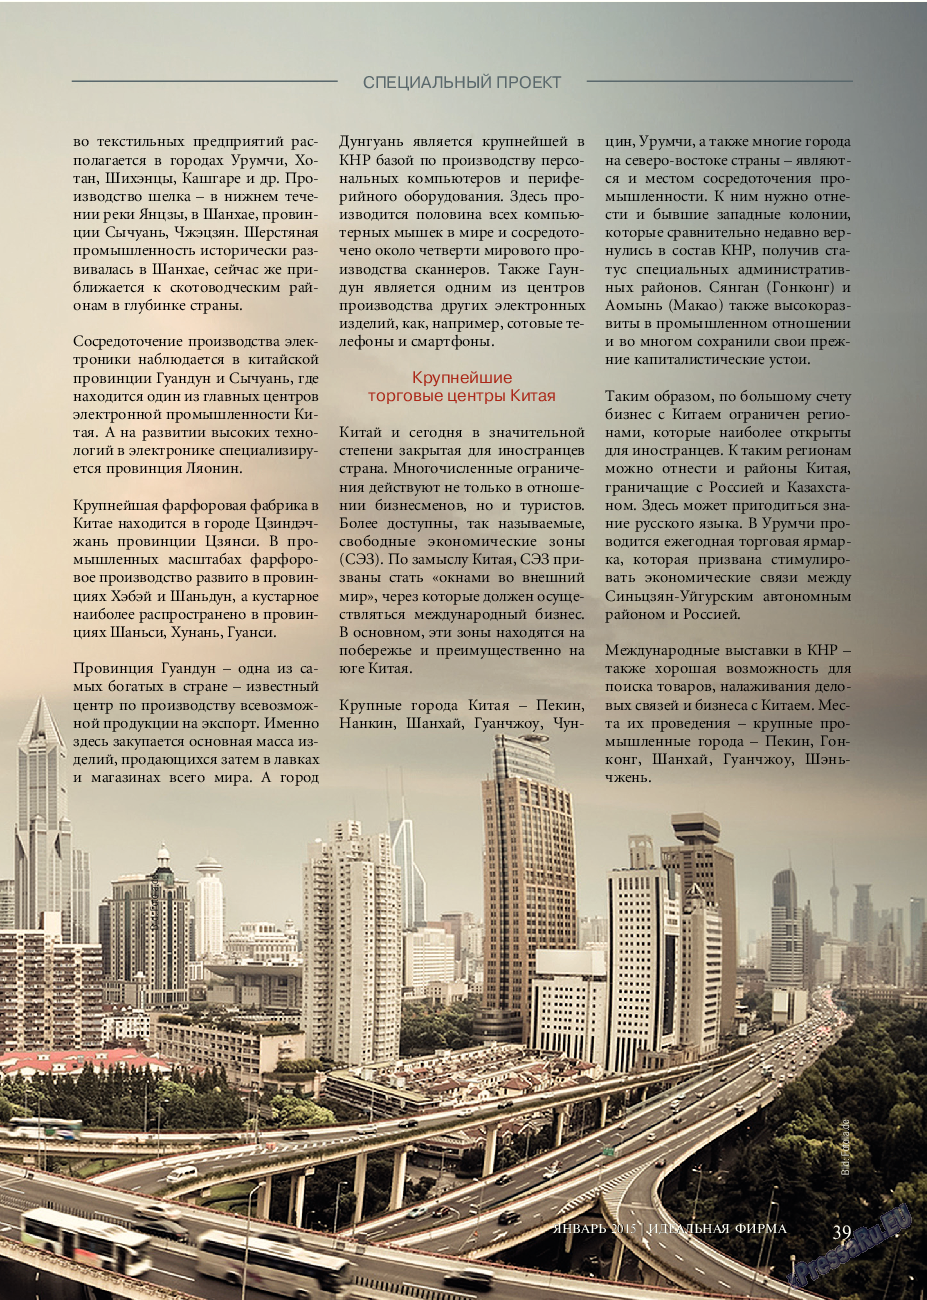 Идеальная фирма (журнал). 2015 год, номер 1, стр. 39